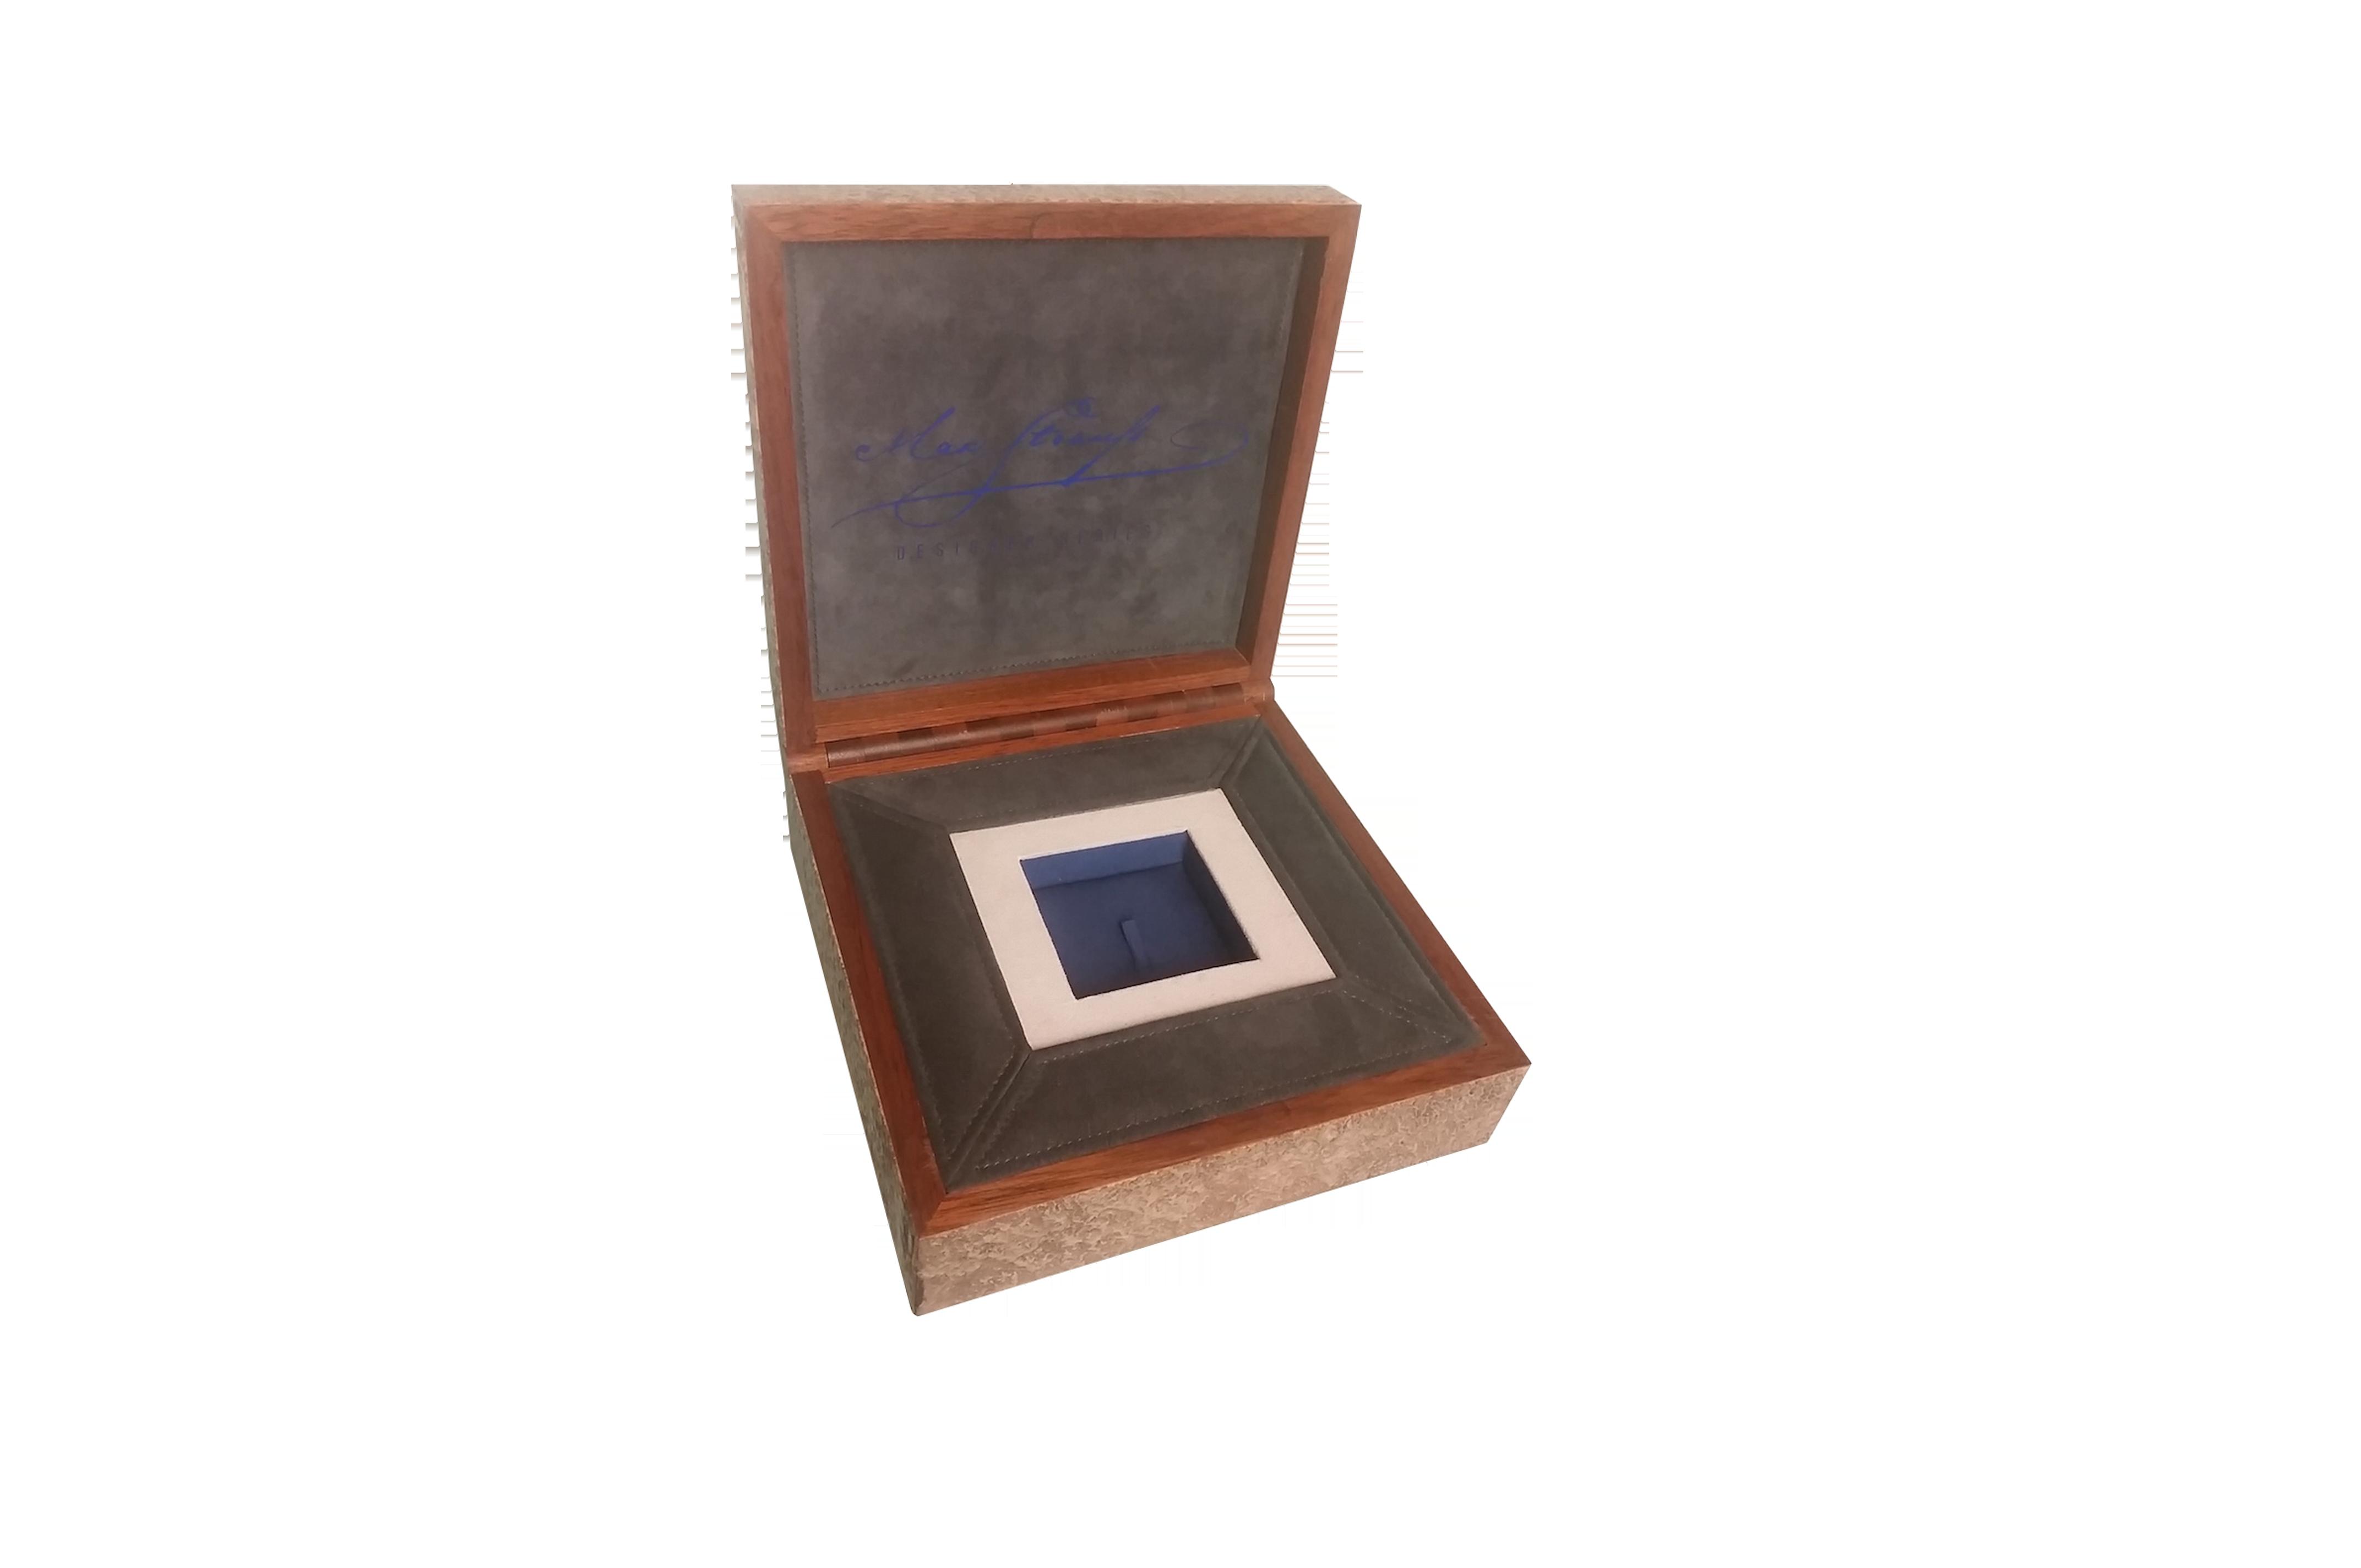 Scatola personalizzata in legno